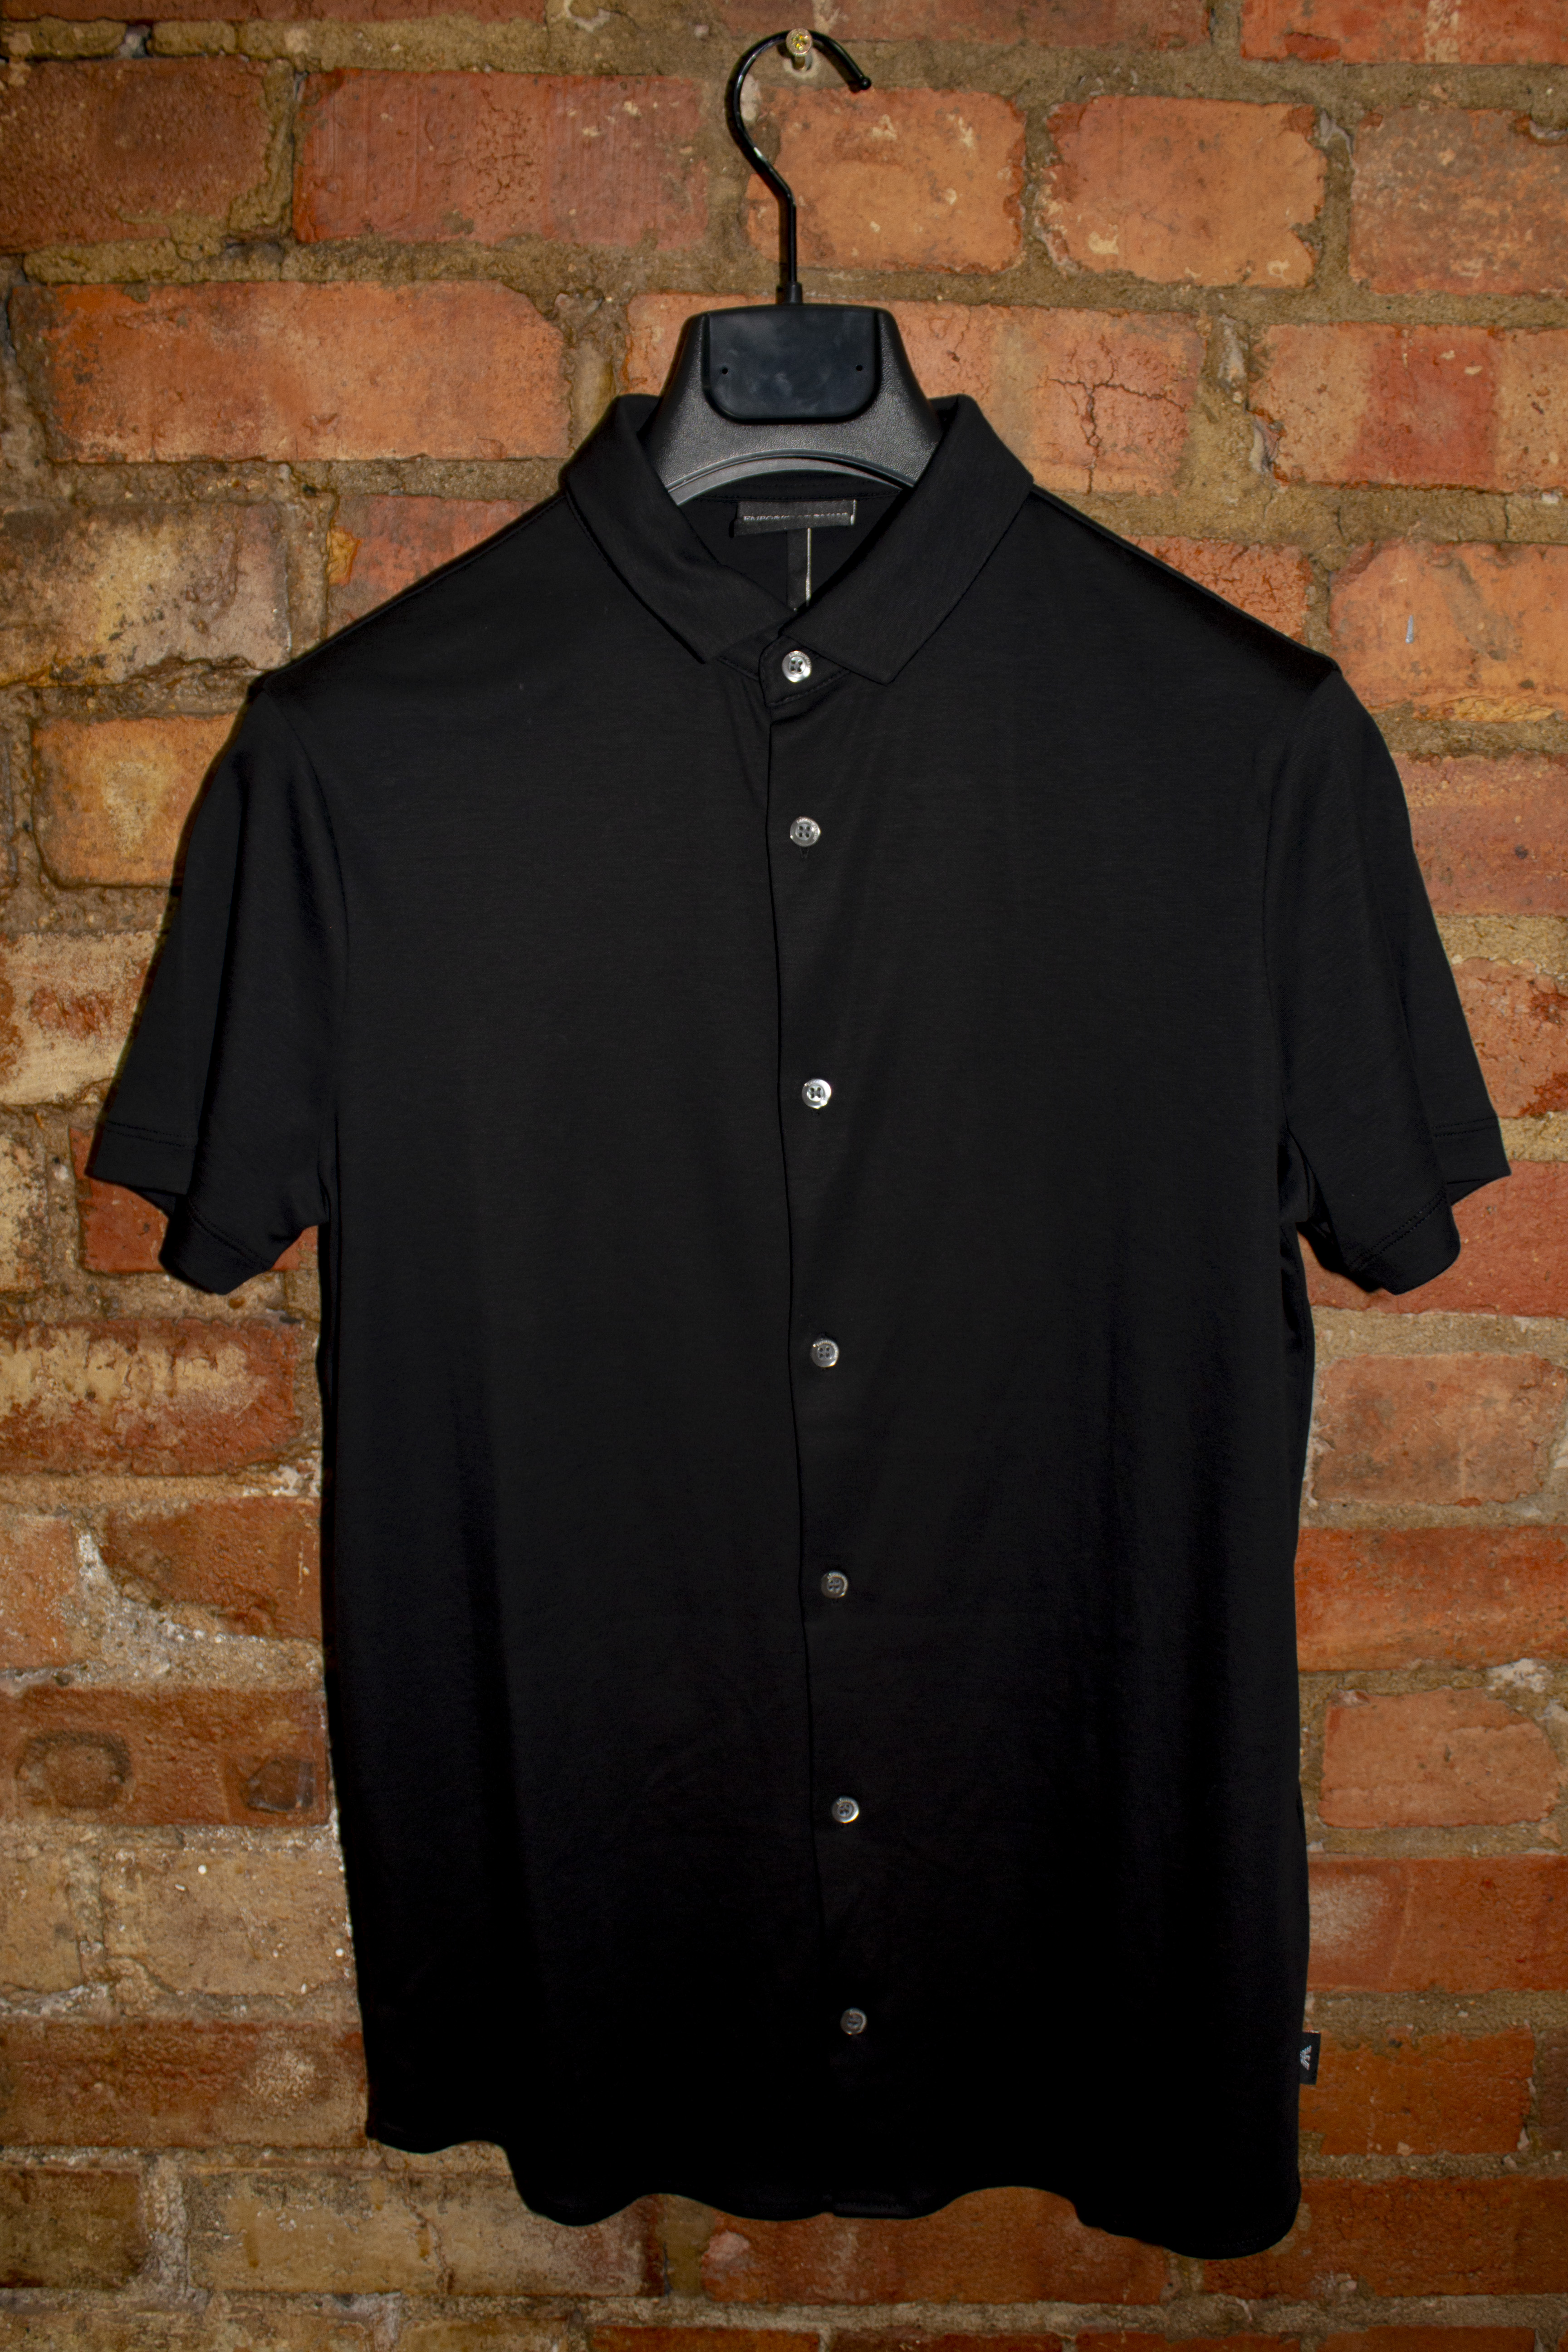 Black Short Sleeve Jersey Shirt